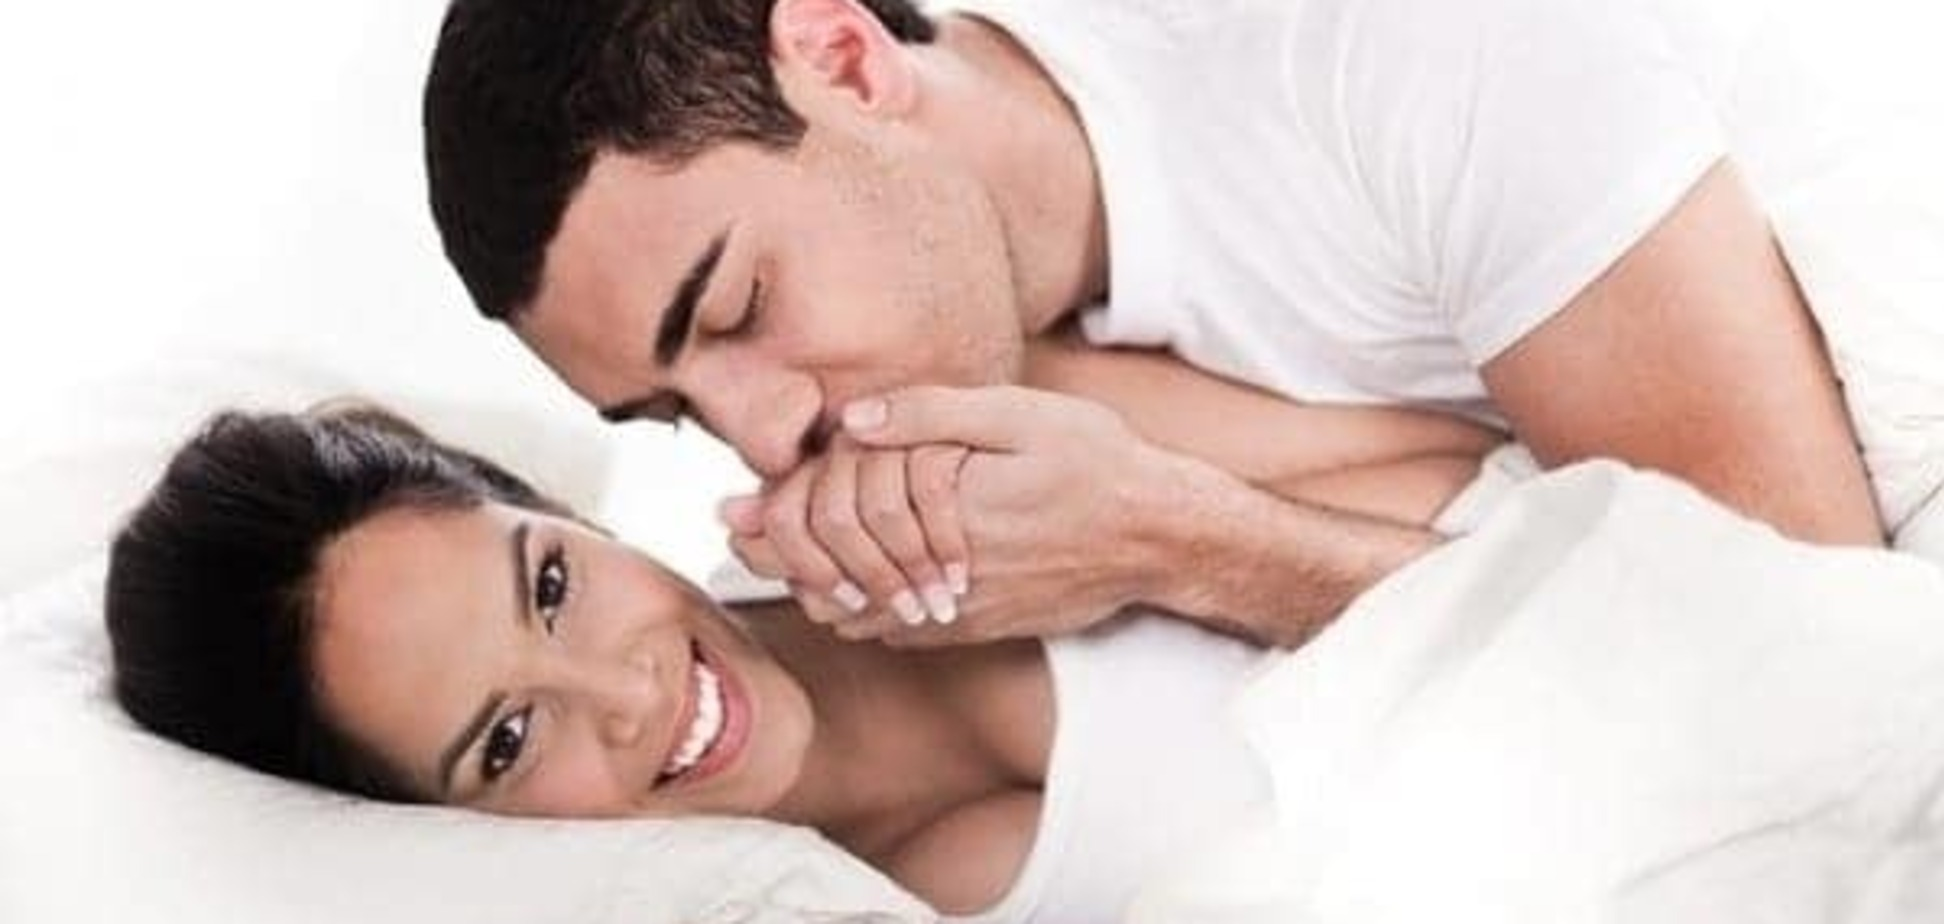 Семейный секс: 10 простых правил